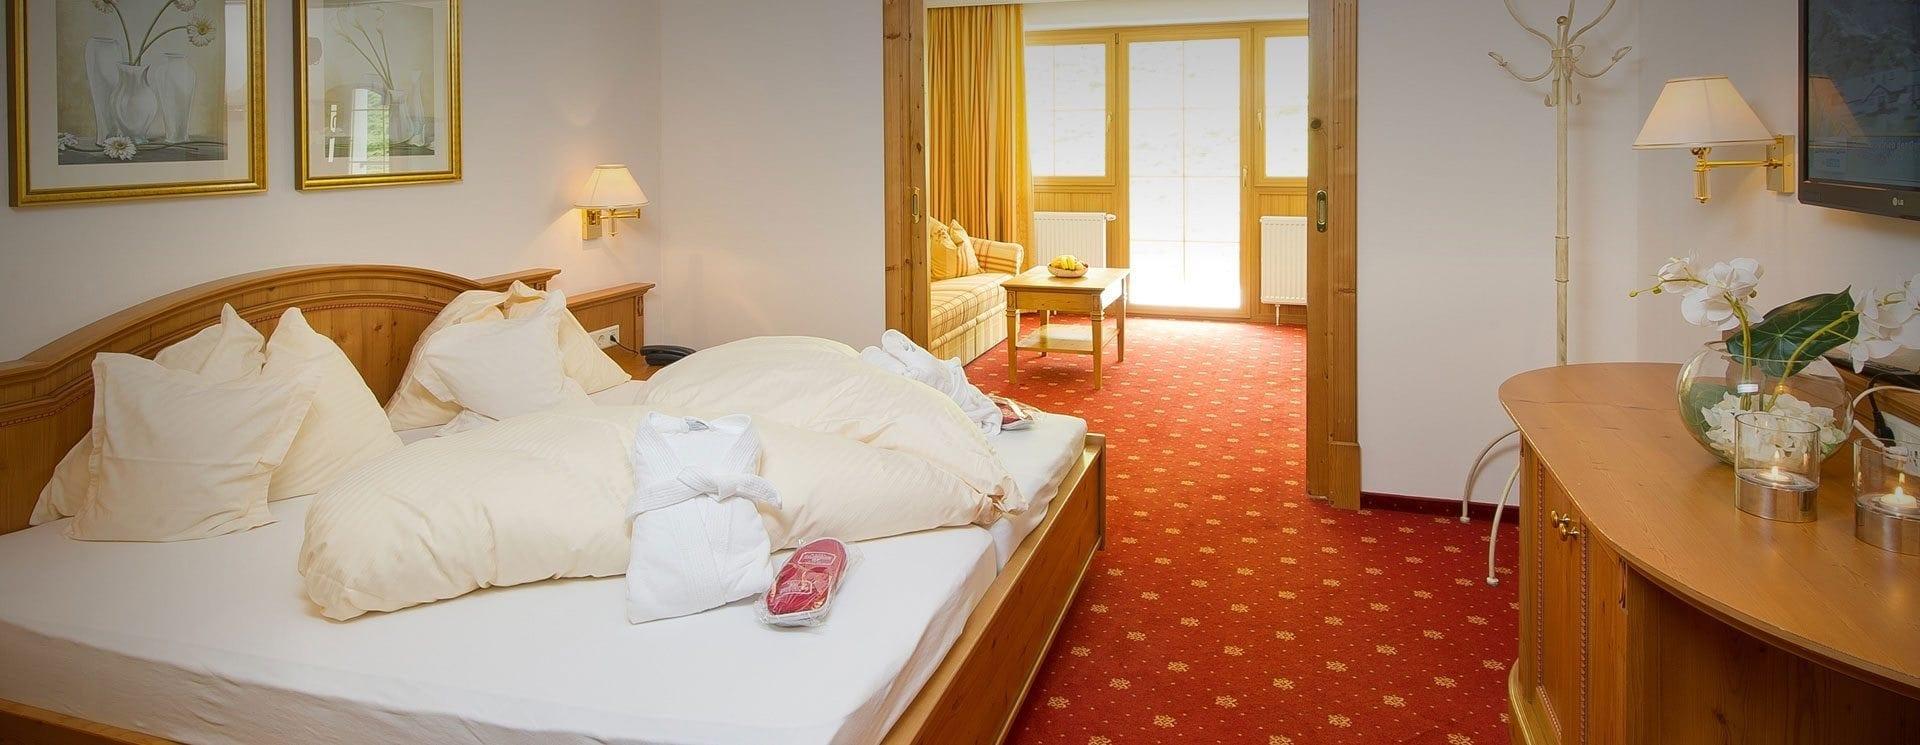 Zimmer in Zauchensee - Salzburger Land